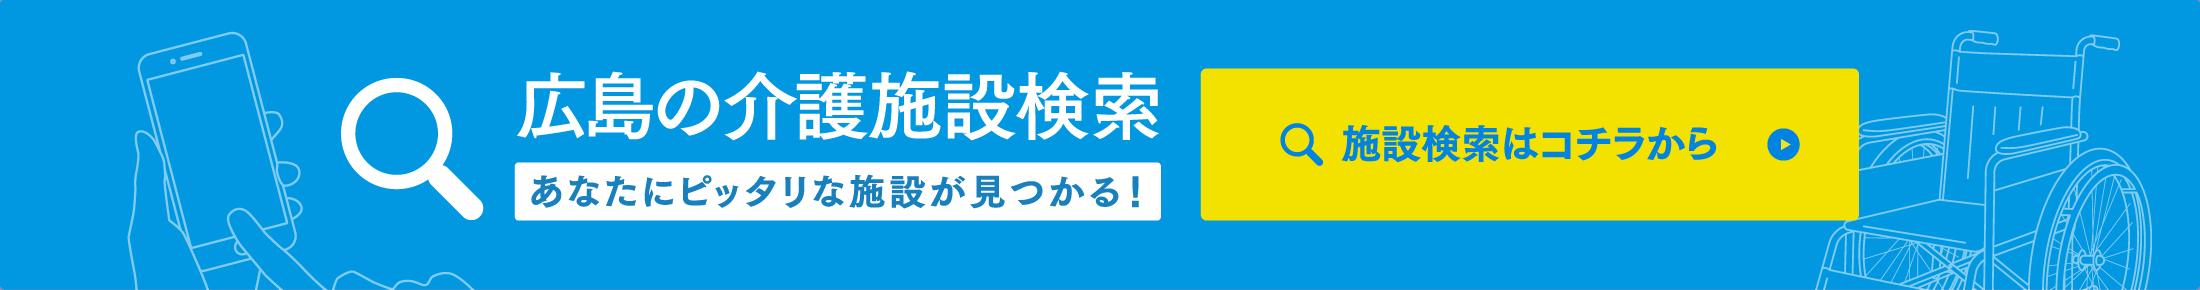 広島の介護施設検索はコチラ